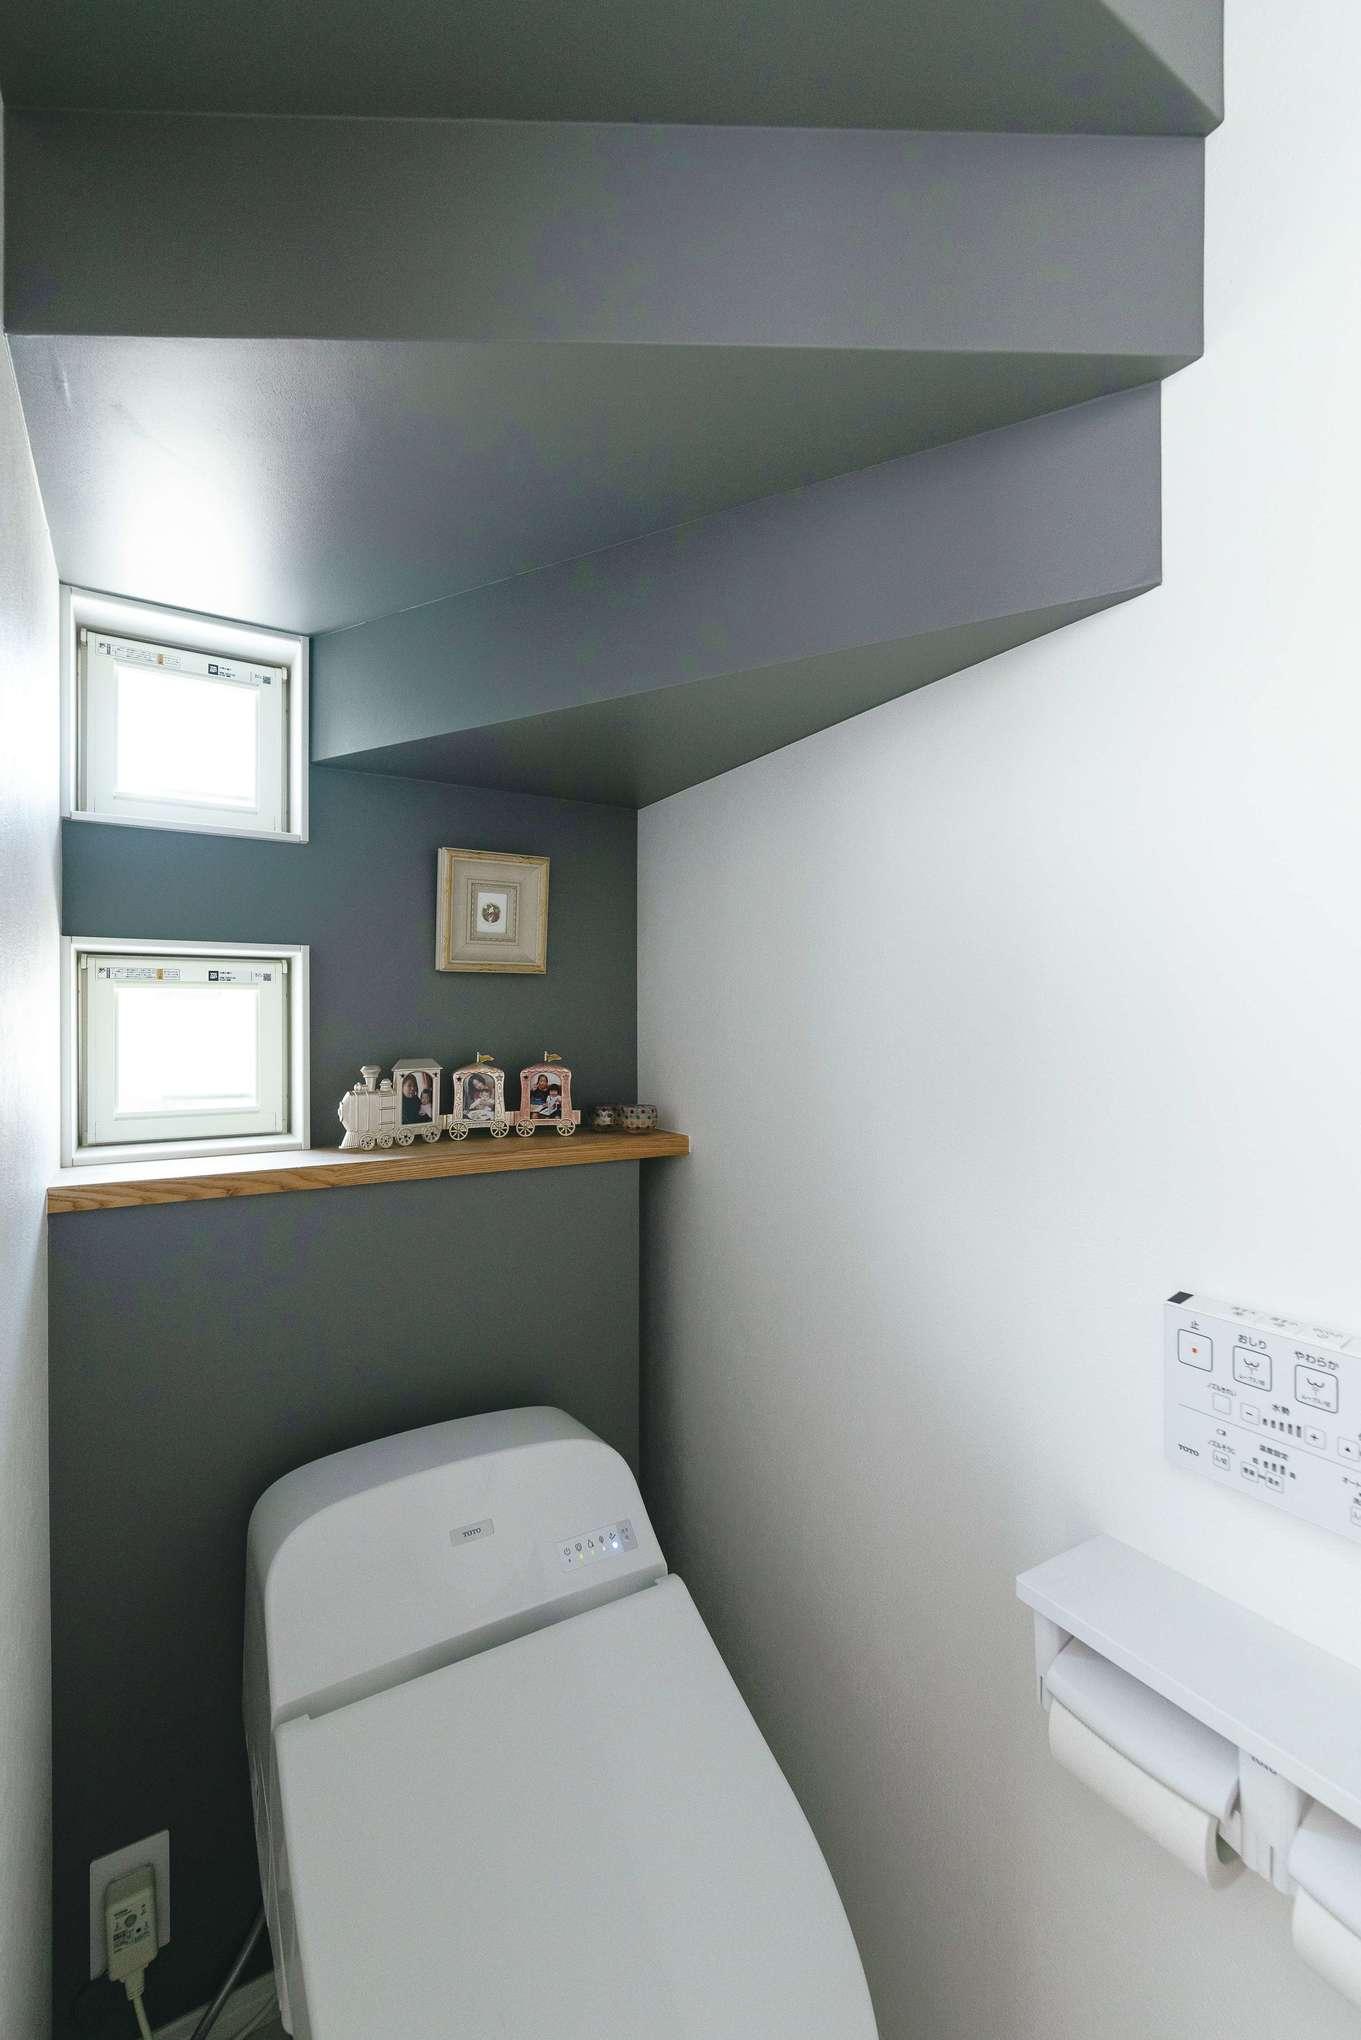 四季彩ひだまり工房 高田工務店【子育て、省エネ、間取り】階段下のトイレは「意外と広く感じます」と奥さま